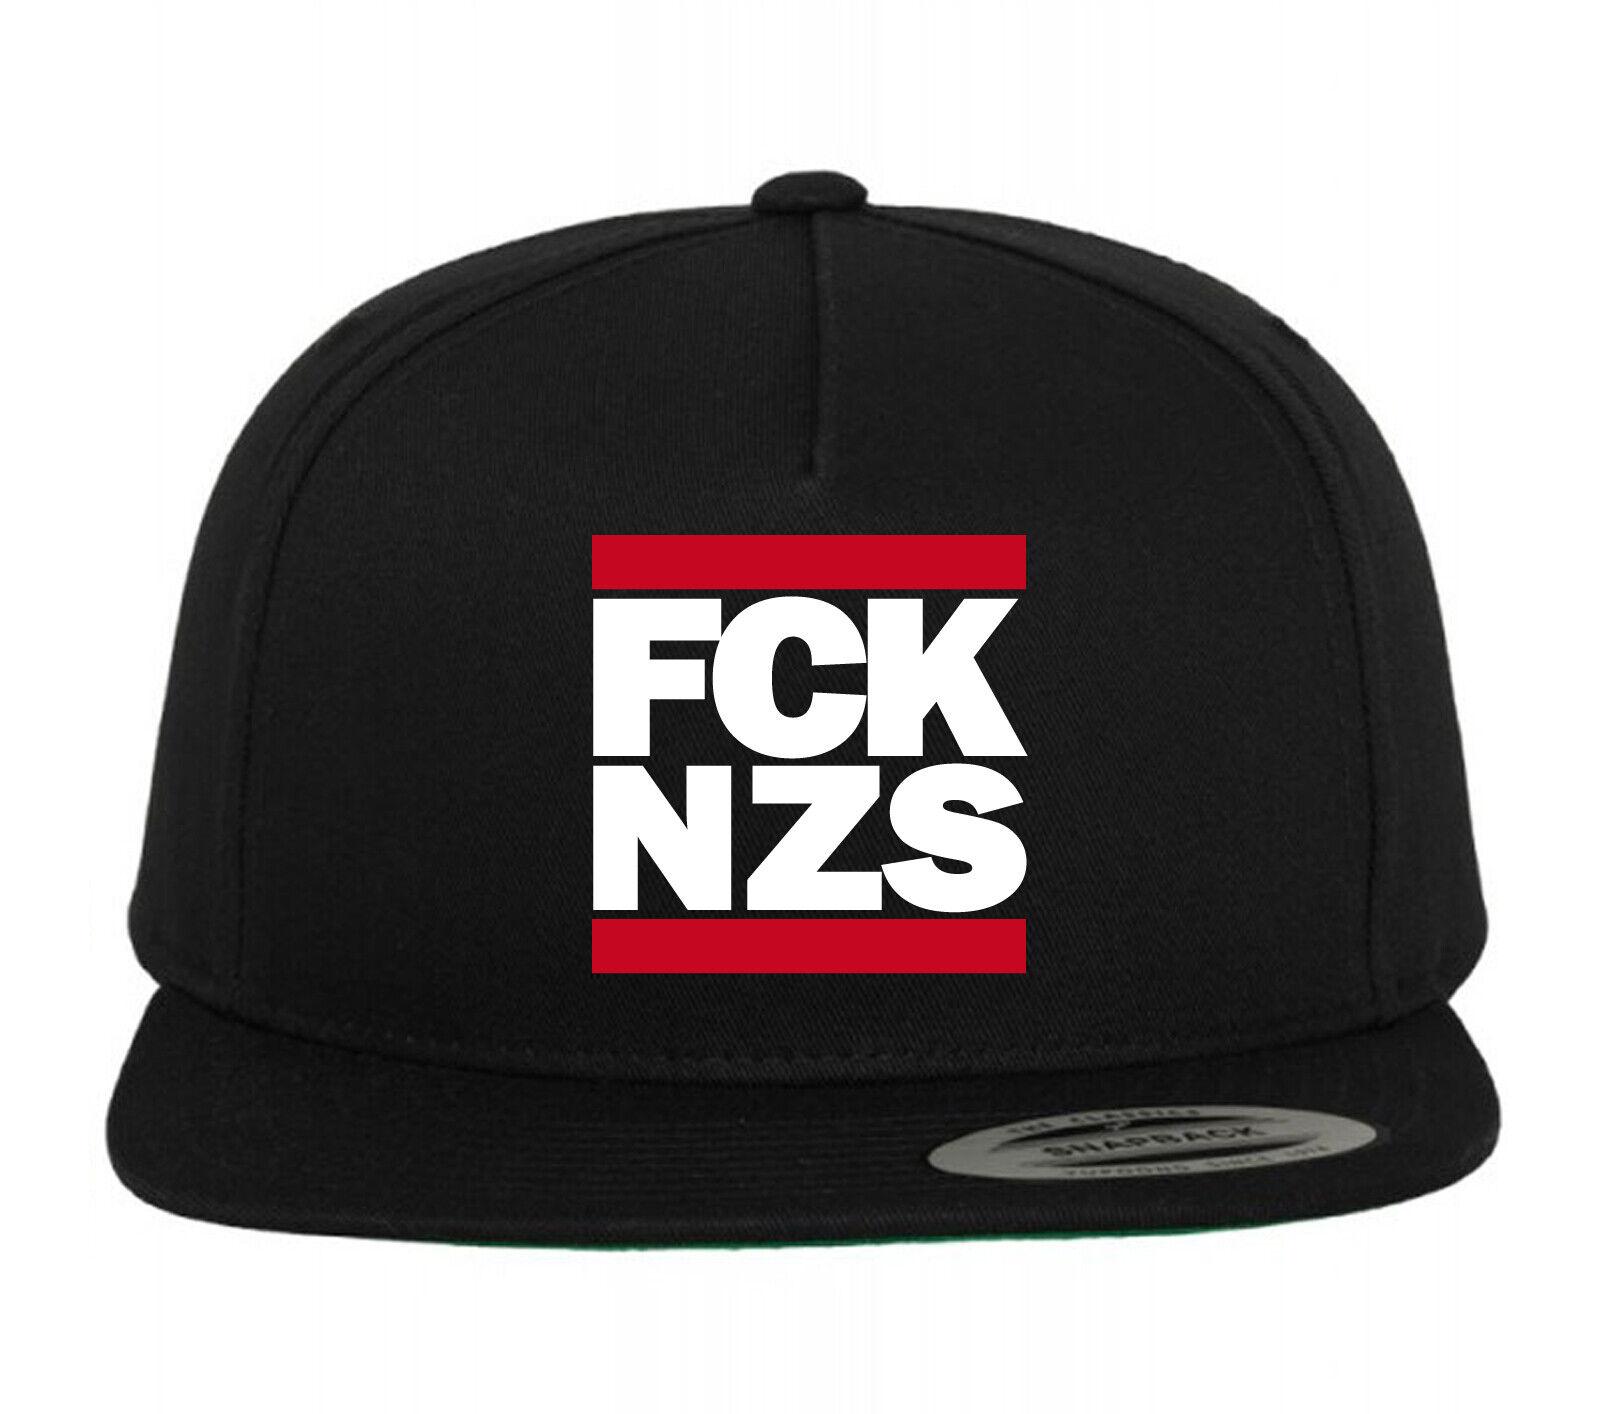 FCK NZS Snapback Mütze schwarz, aus 100% Baumwolle